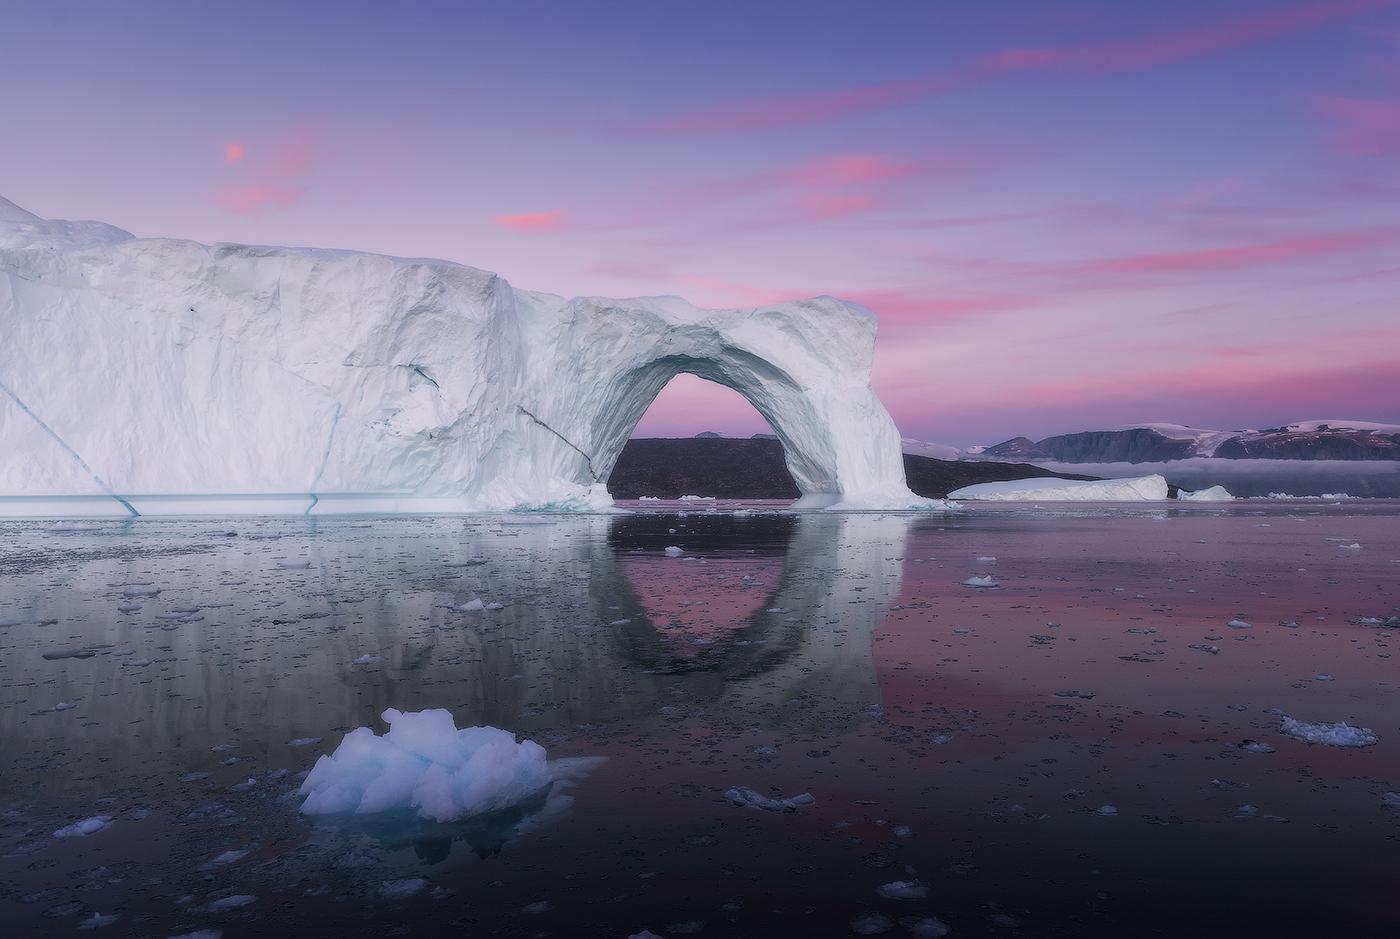 West Greenland Photo Workshop in Disko Bay | Sailing on Schooner - day 6